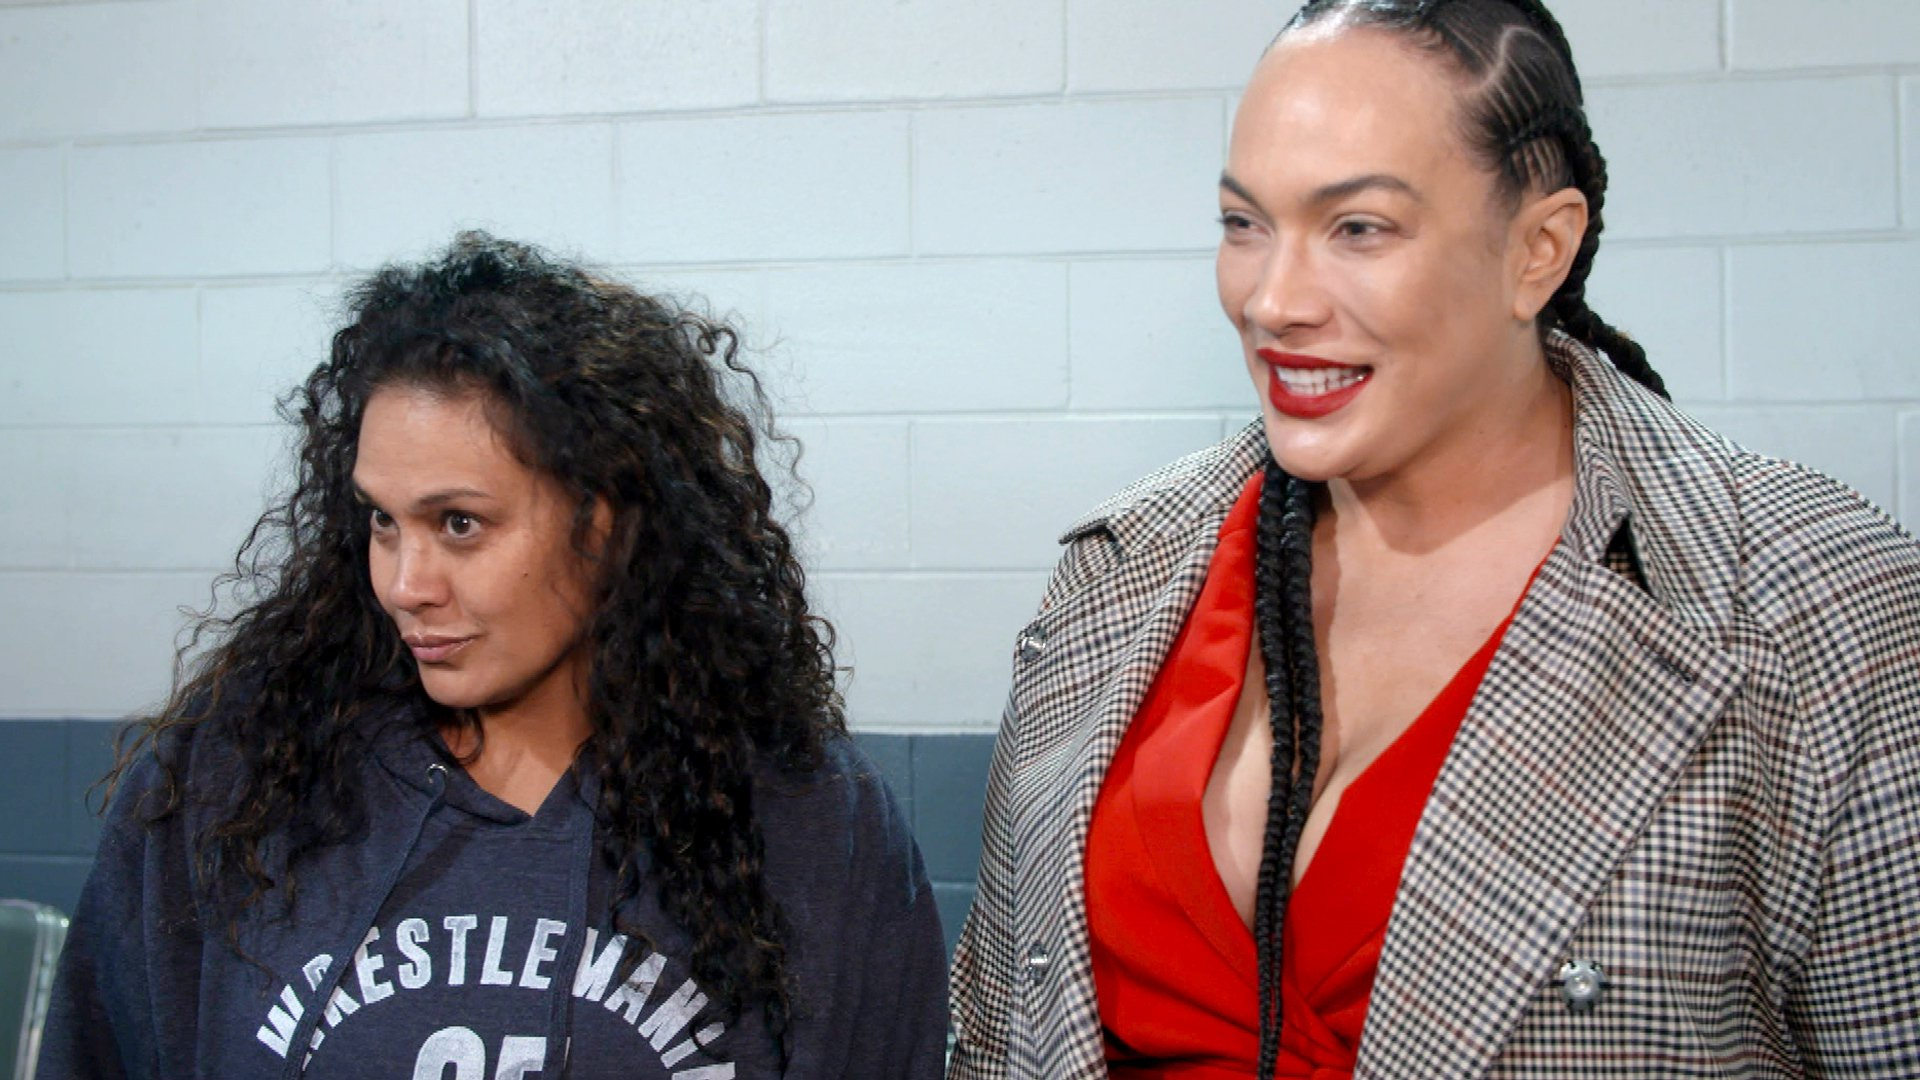 Nia Jax & Tamina sont bien préparées pour le Match de Championnat par Équipes Femmes: Exclusivité WWE.fr, 7 Avril 2019